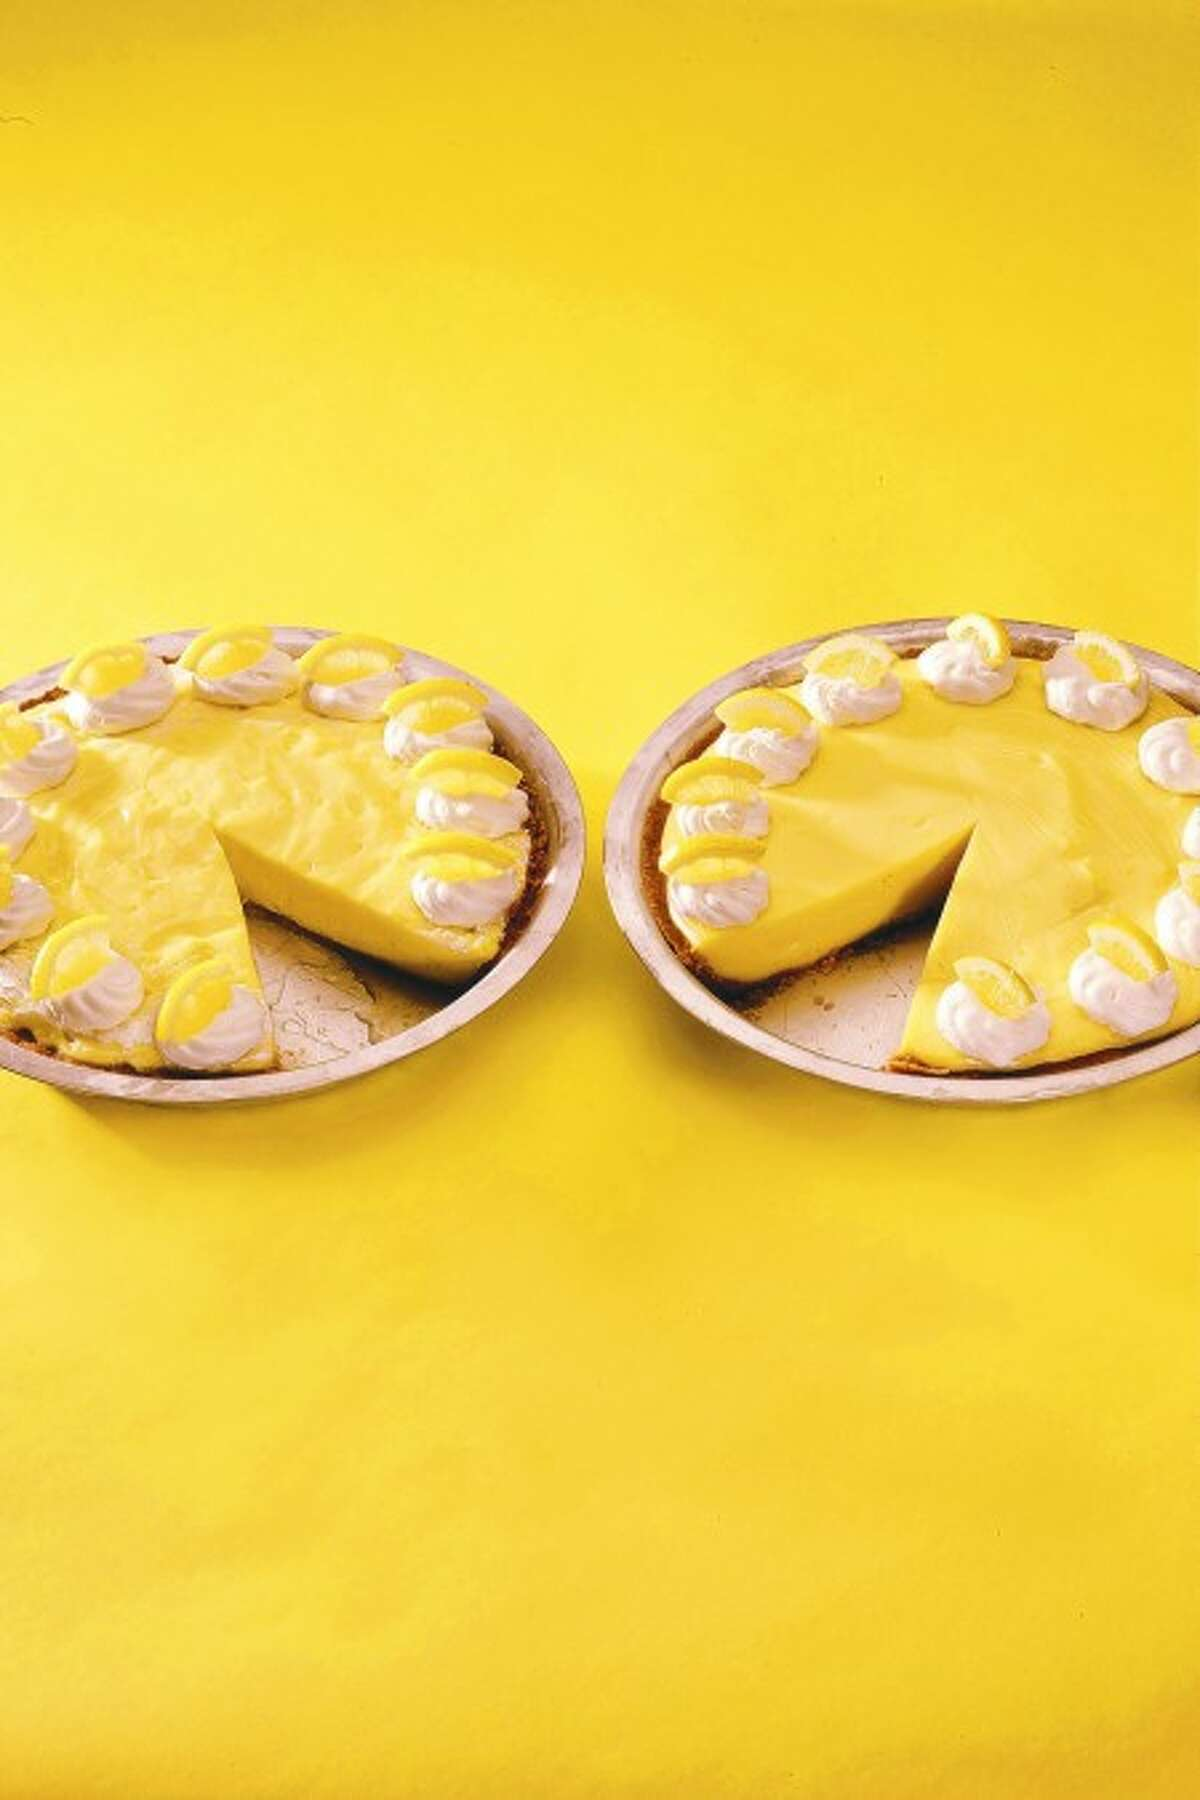 Lemon cream pies. MCT photo